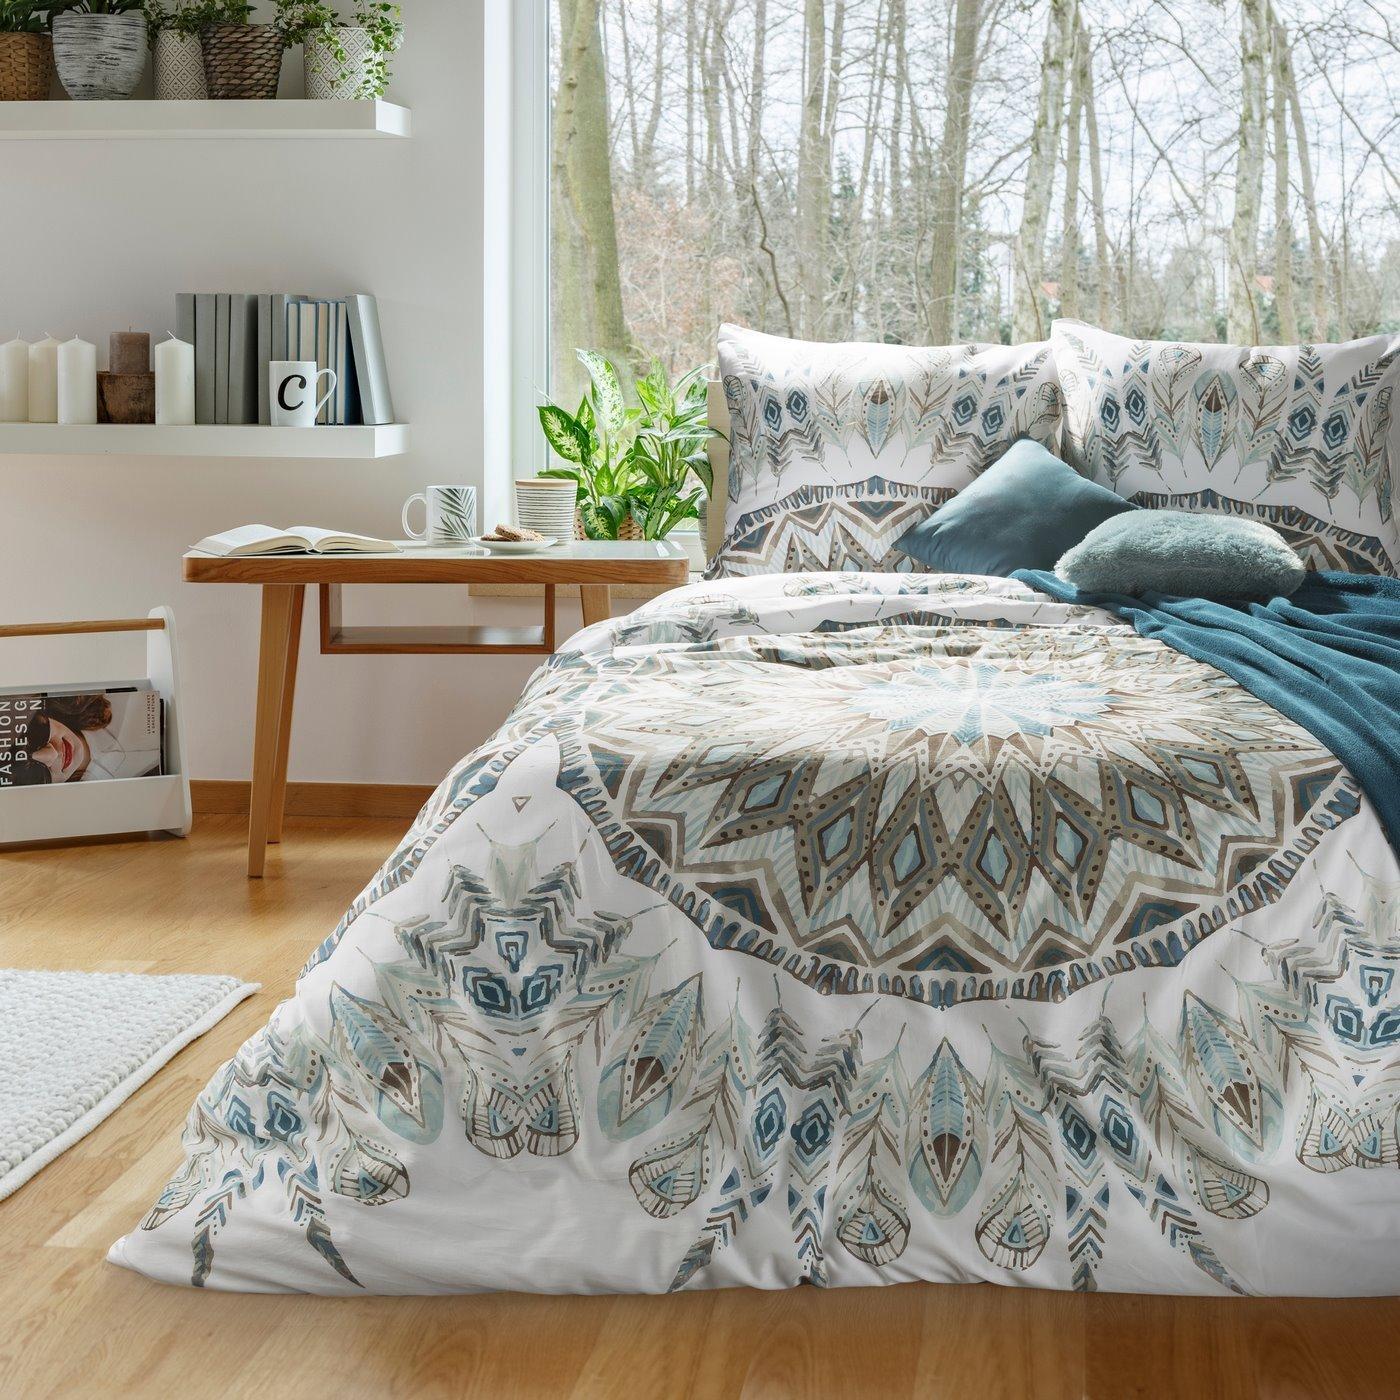 Komplet pościeli z satyny bawełnianej 220x200 cm, 2 szt. 70x80 cm nadruk indiański łapacz snów